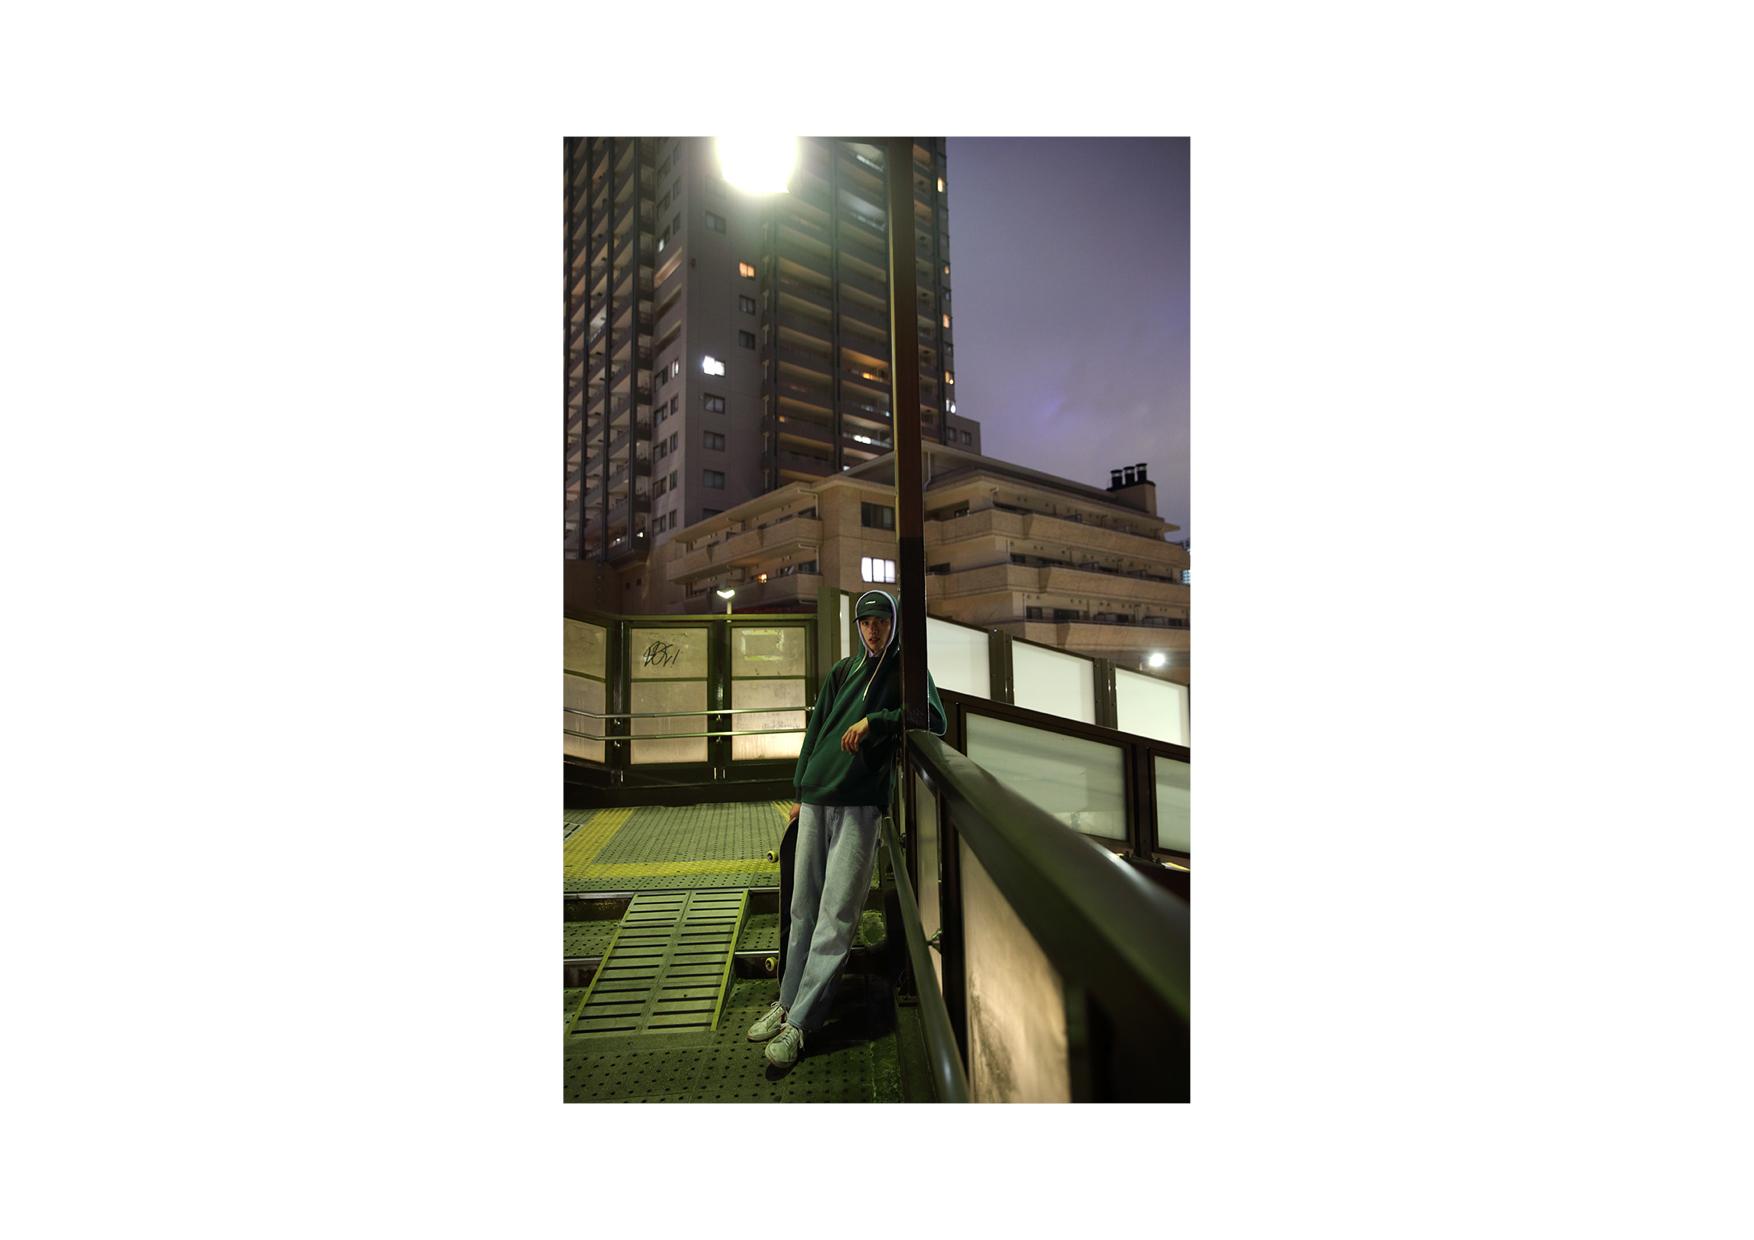 TOKYO_BOY BTBonline Behind The Blinbds Magazine 5.jpg